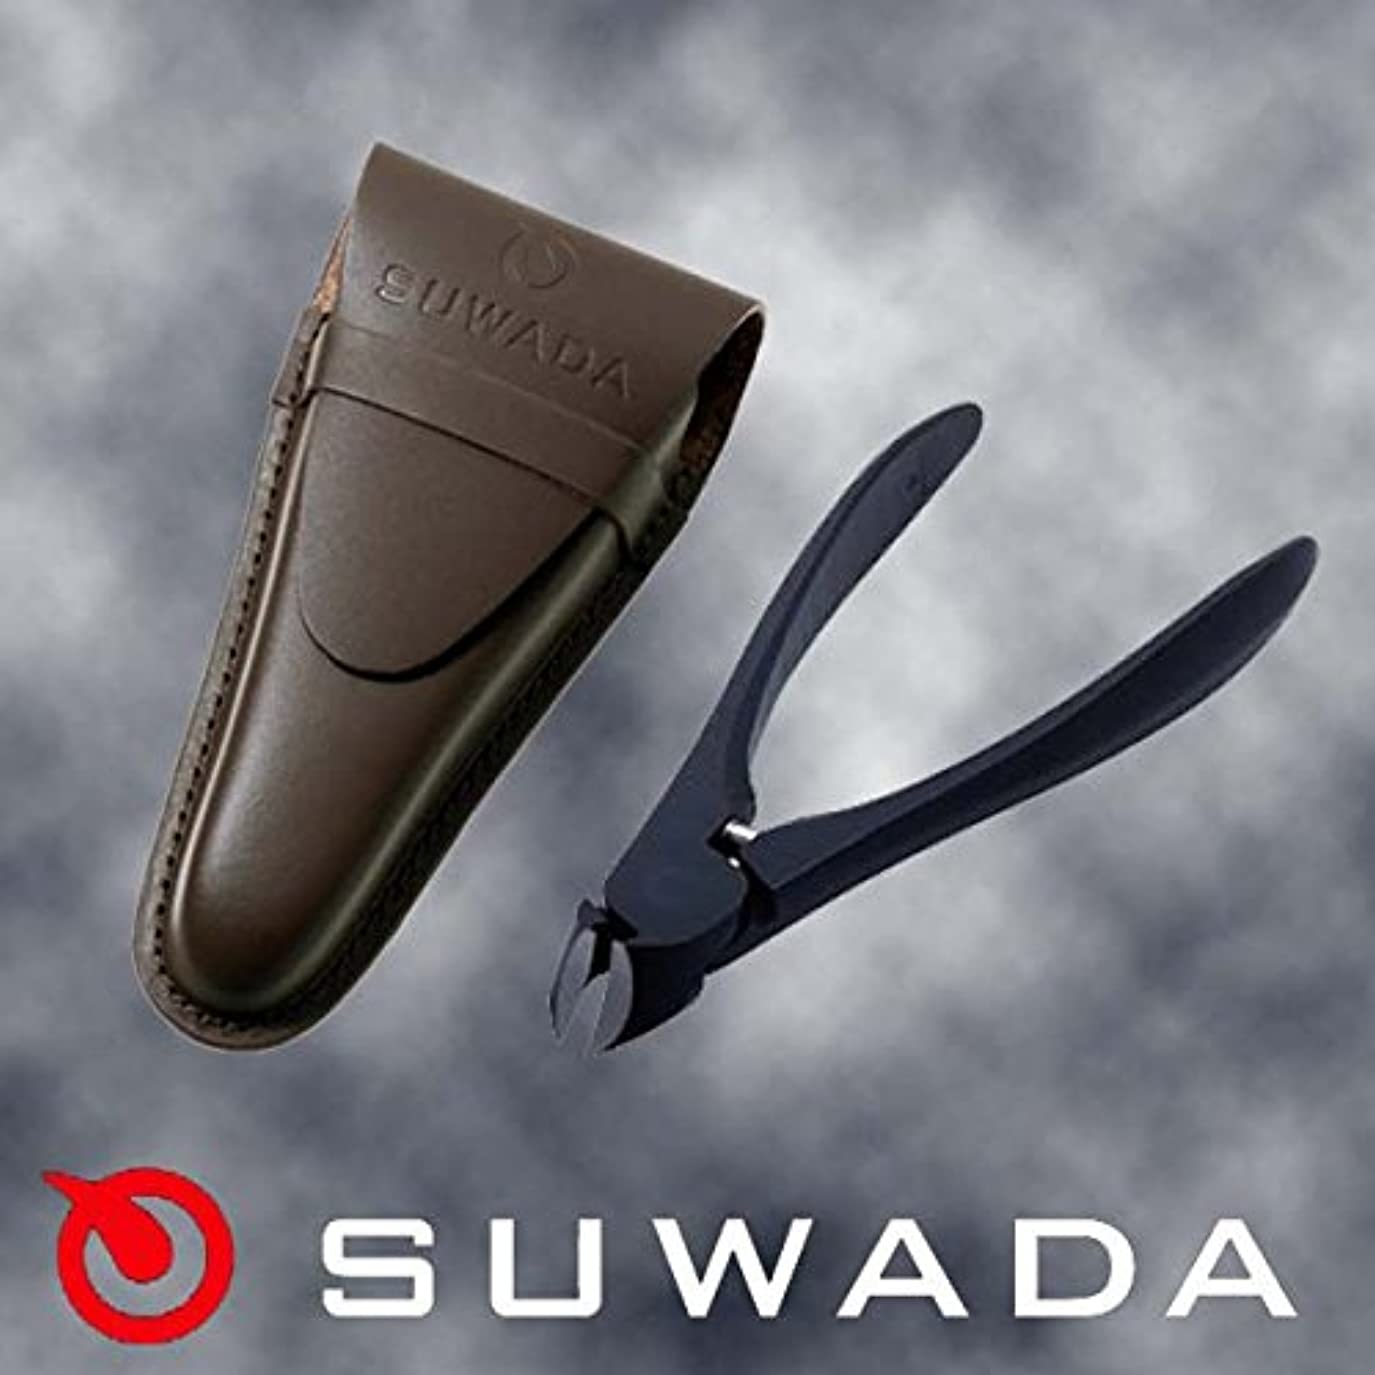 間接的性的宣伝SUWADA 爪切りブラックS&ブラウン革ケースセット 諏訪田製作所 スワダ爪切り